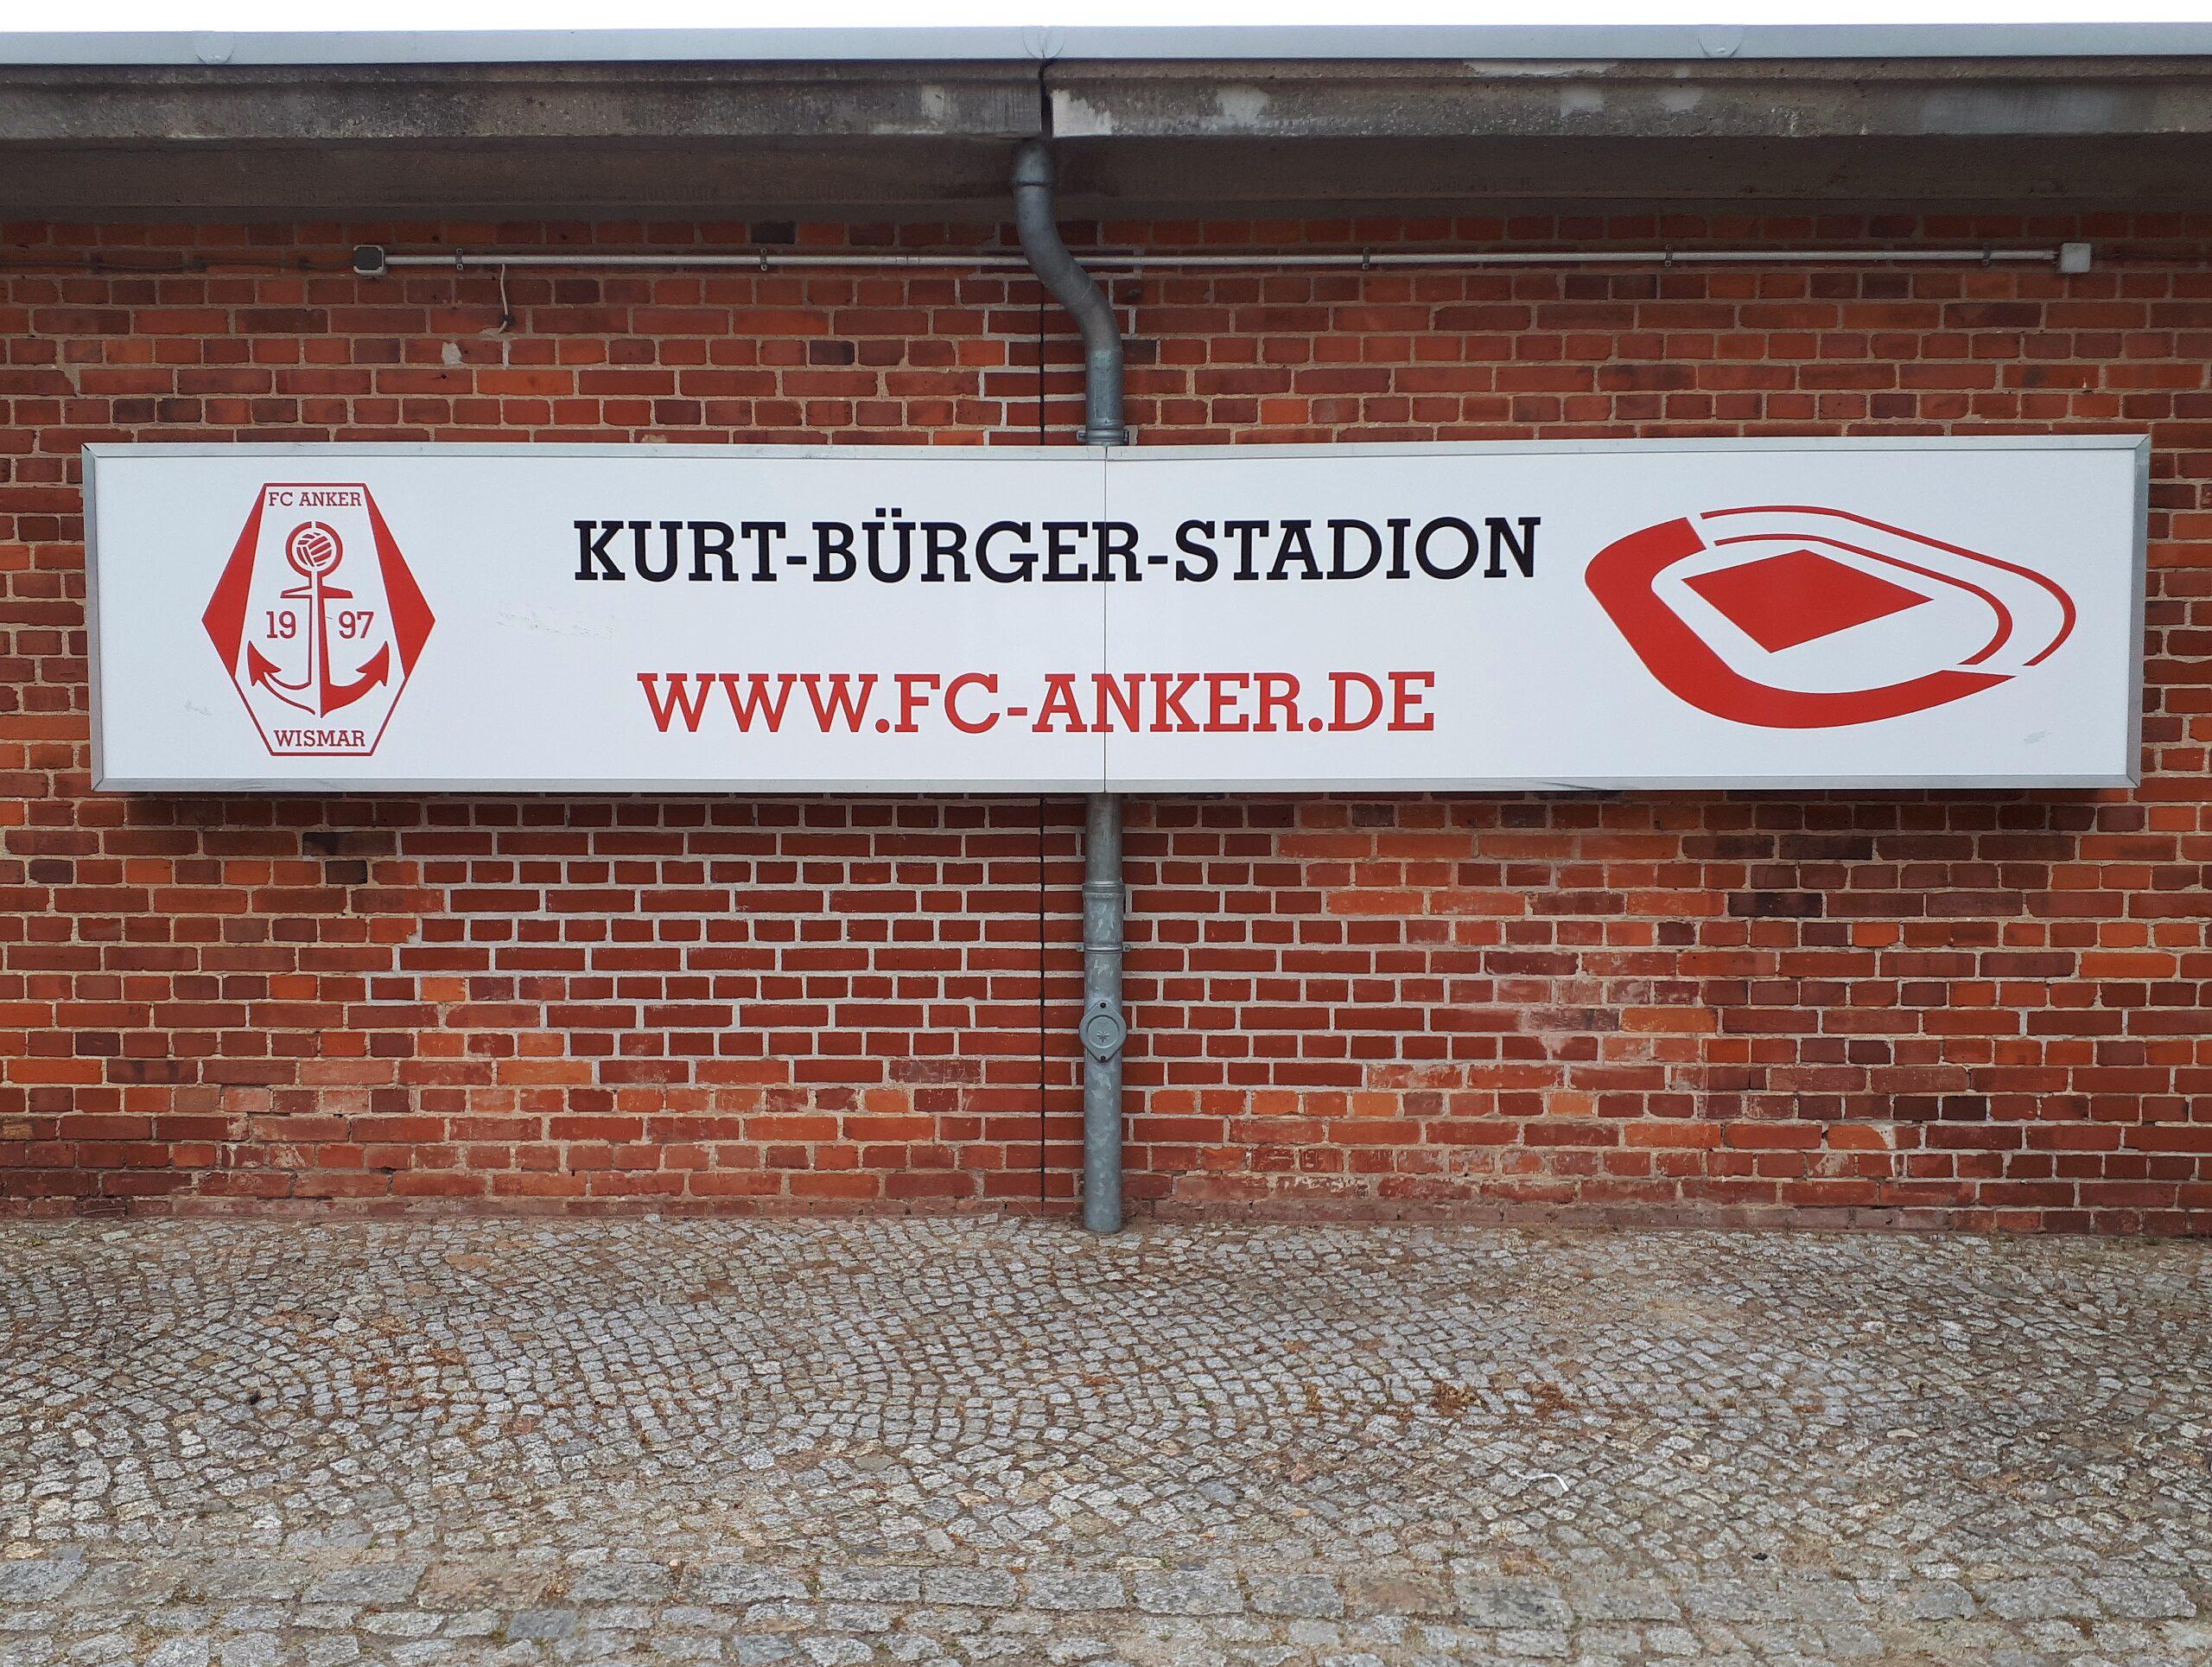 Im Kurt-Bürger-Stadion spielt der FC Anker Wismar